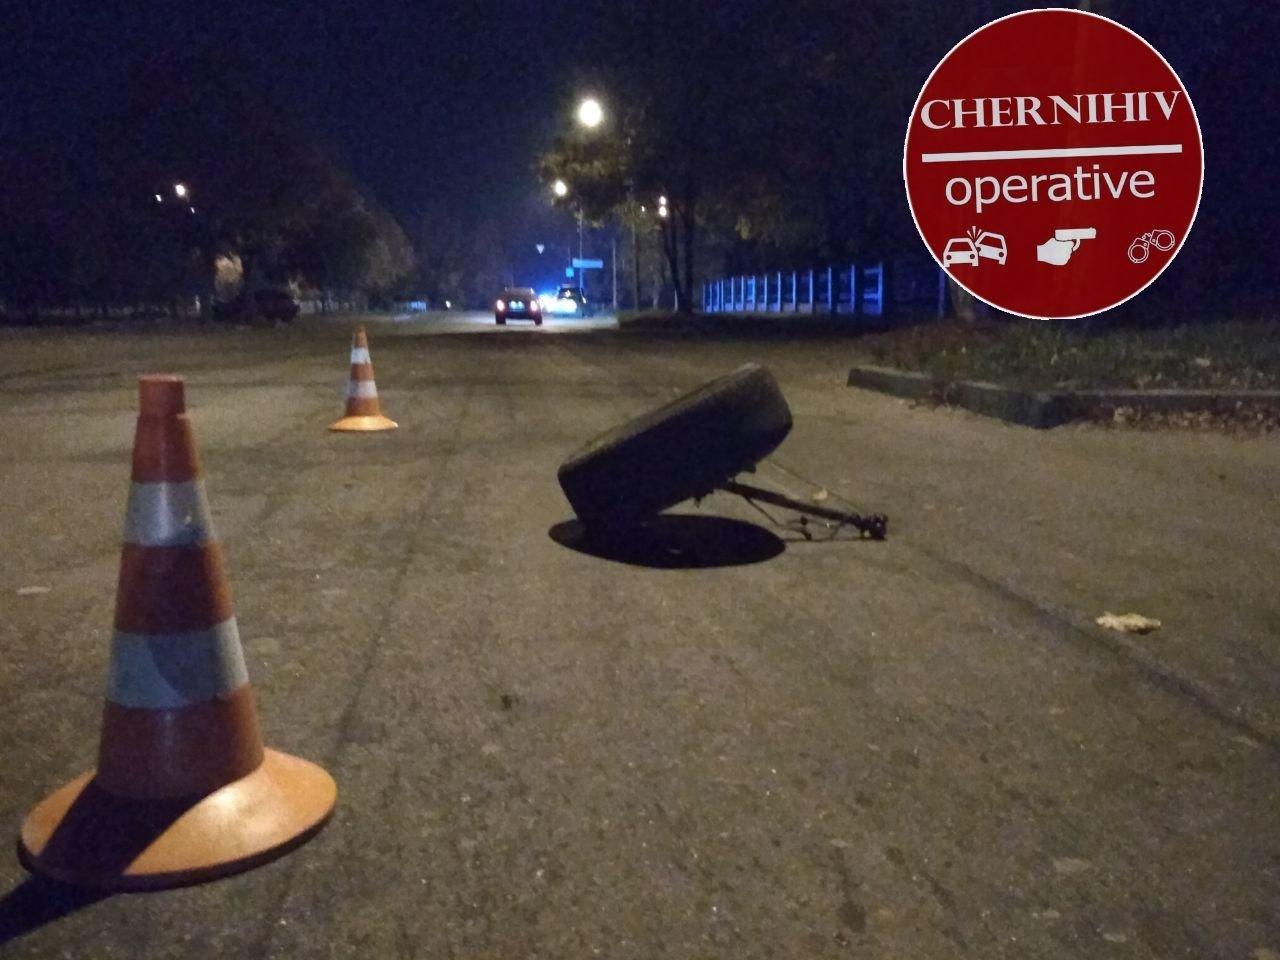 Сбегая от полиции потерял колесо: в Чернигове очередное ДТП, фото-11